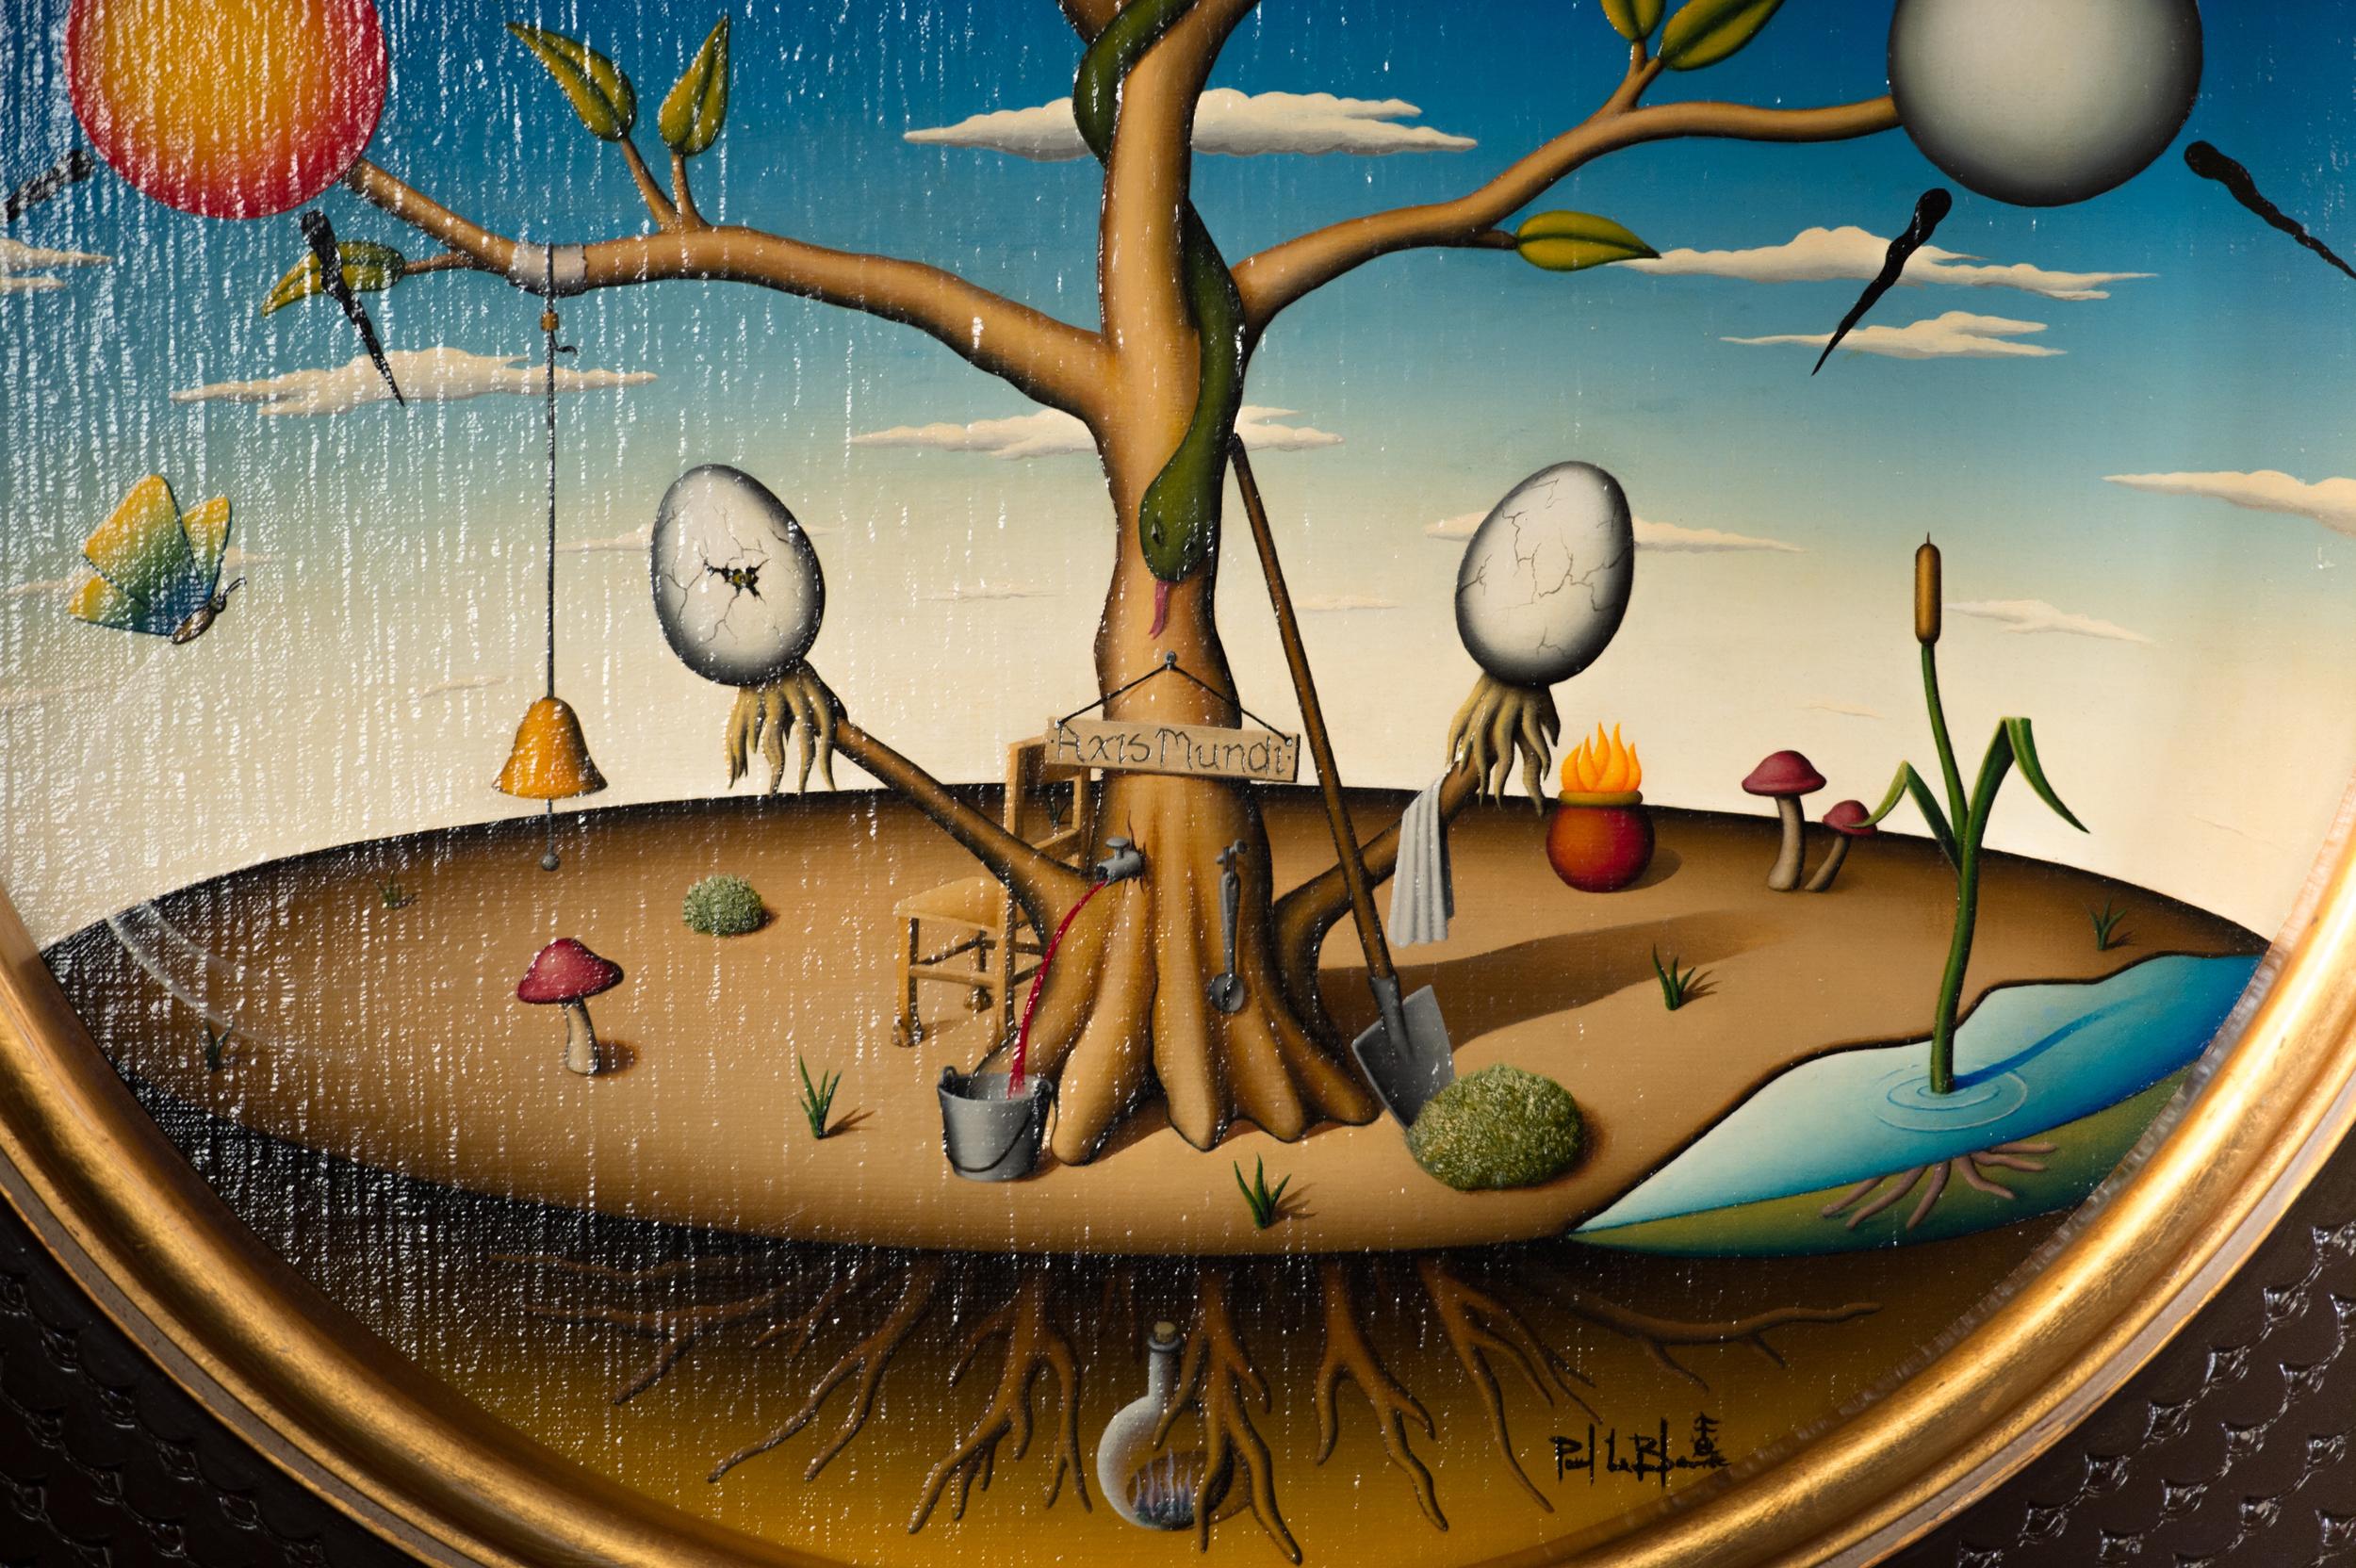 Tree of Alchemy - detail